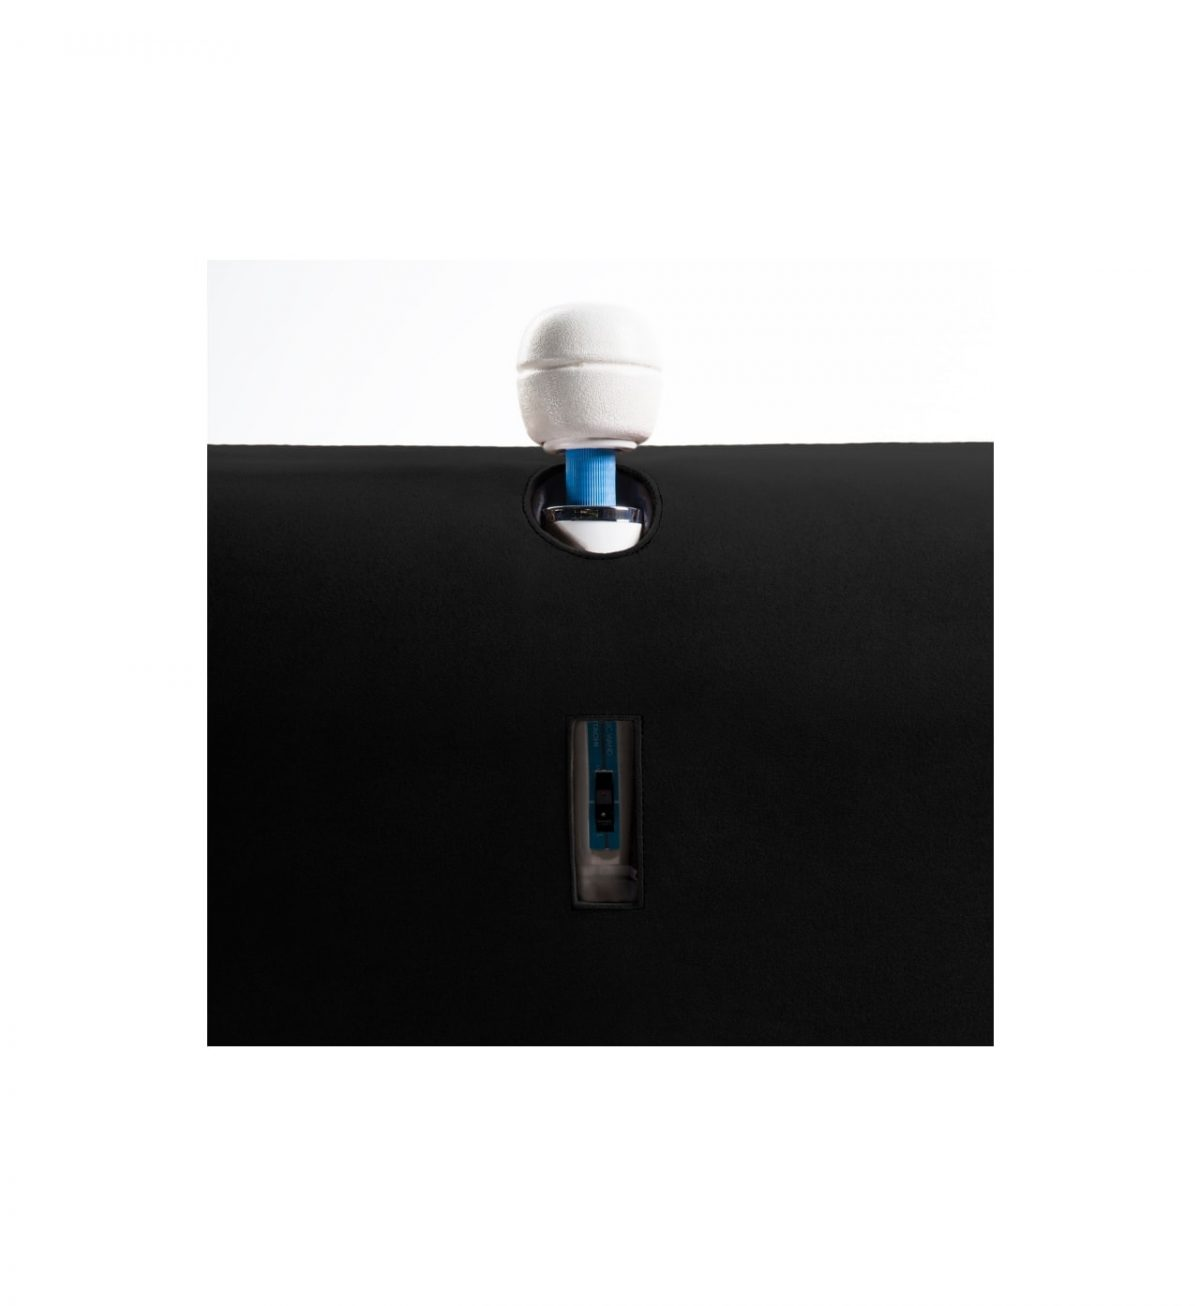 Axis Posisjonspute med Wandholder - Pute med holder for wand-vibrator - Liberator